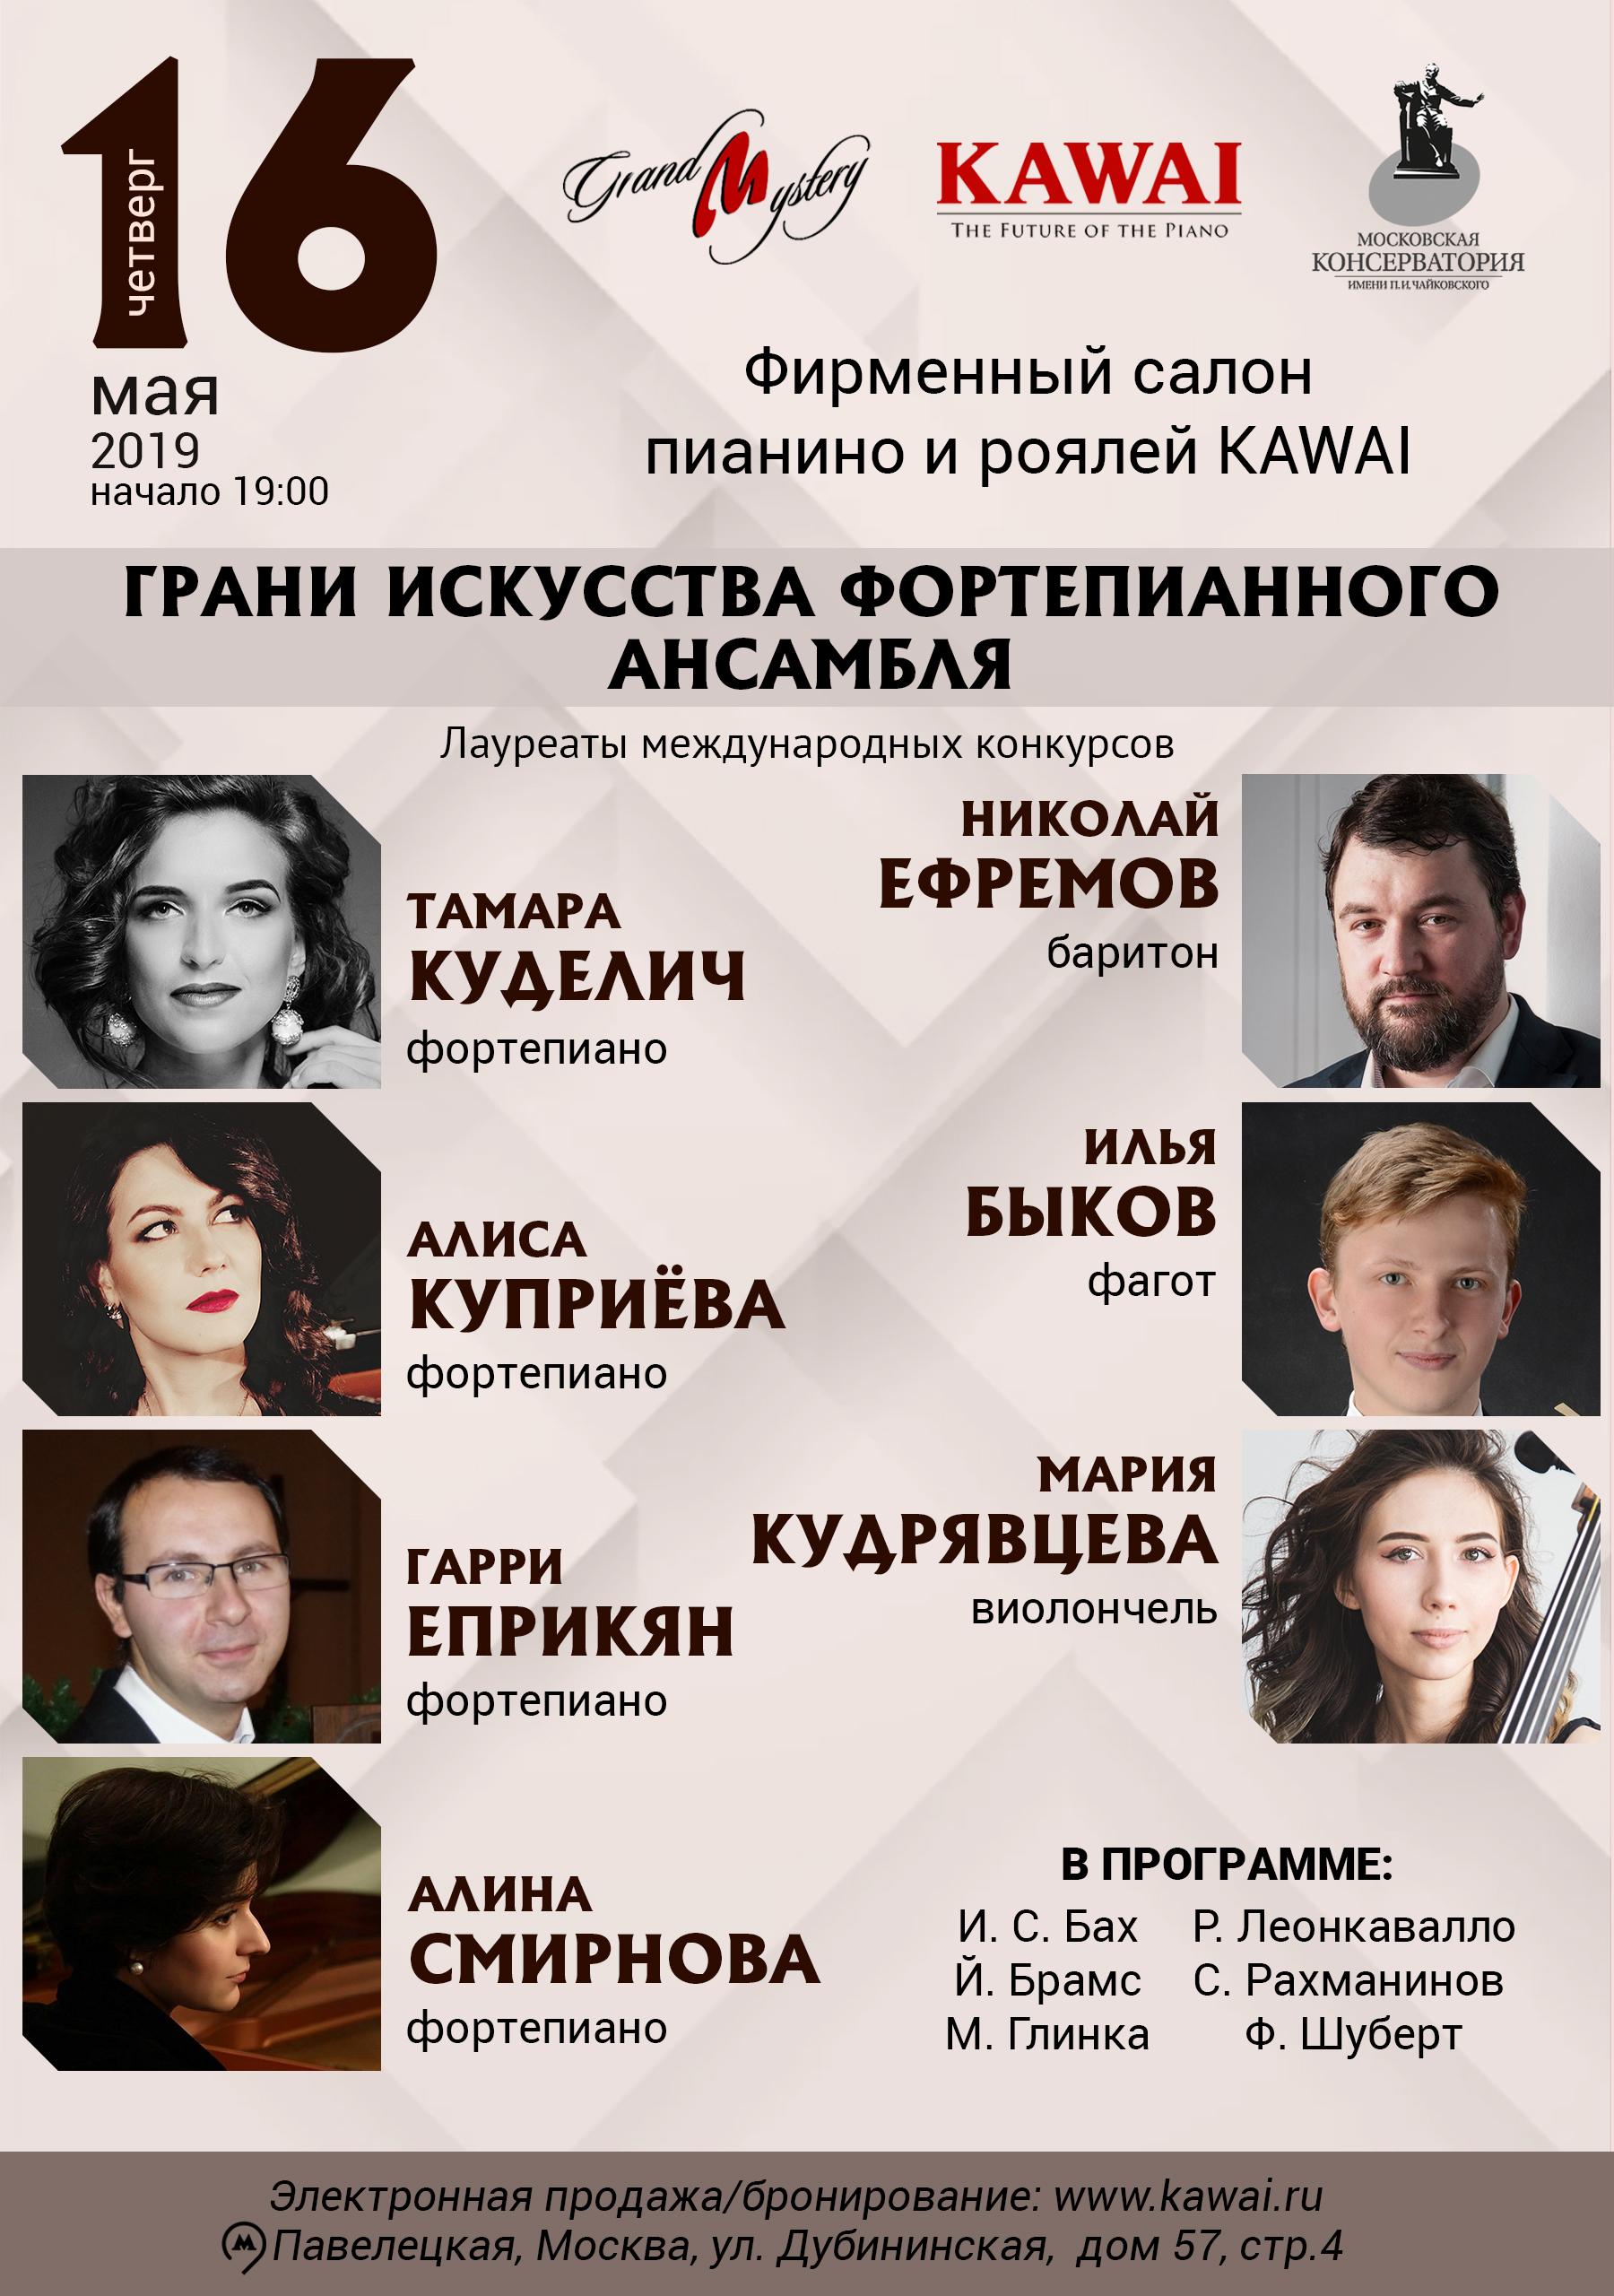 Концерт «Грани искусства фортепианного ансамбля»